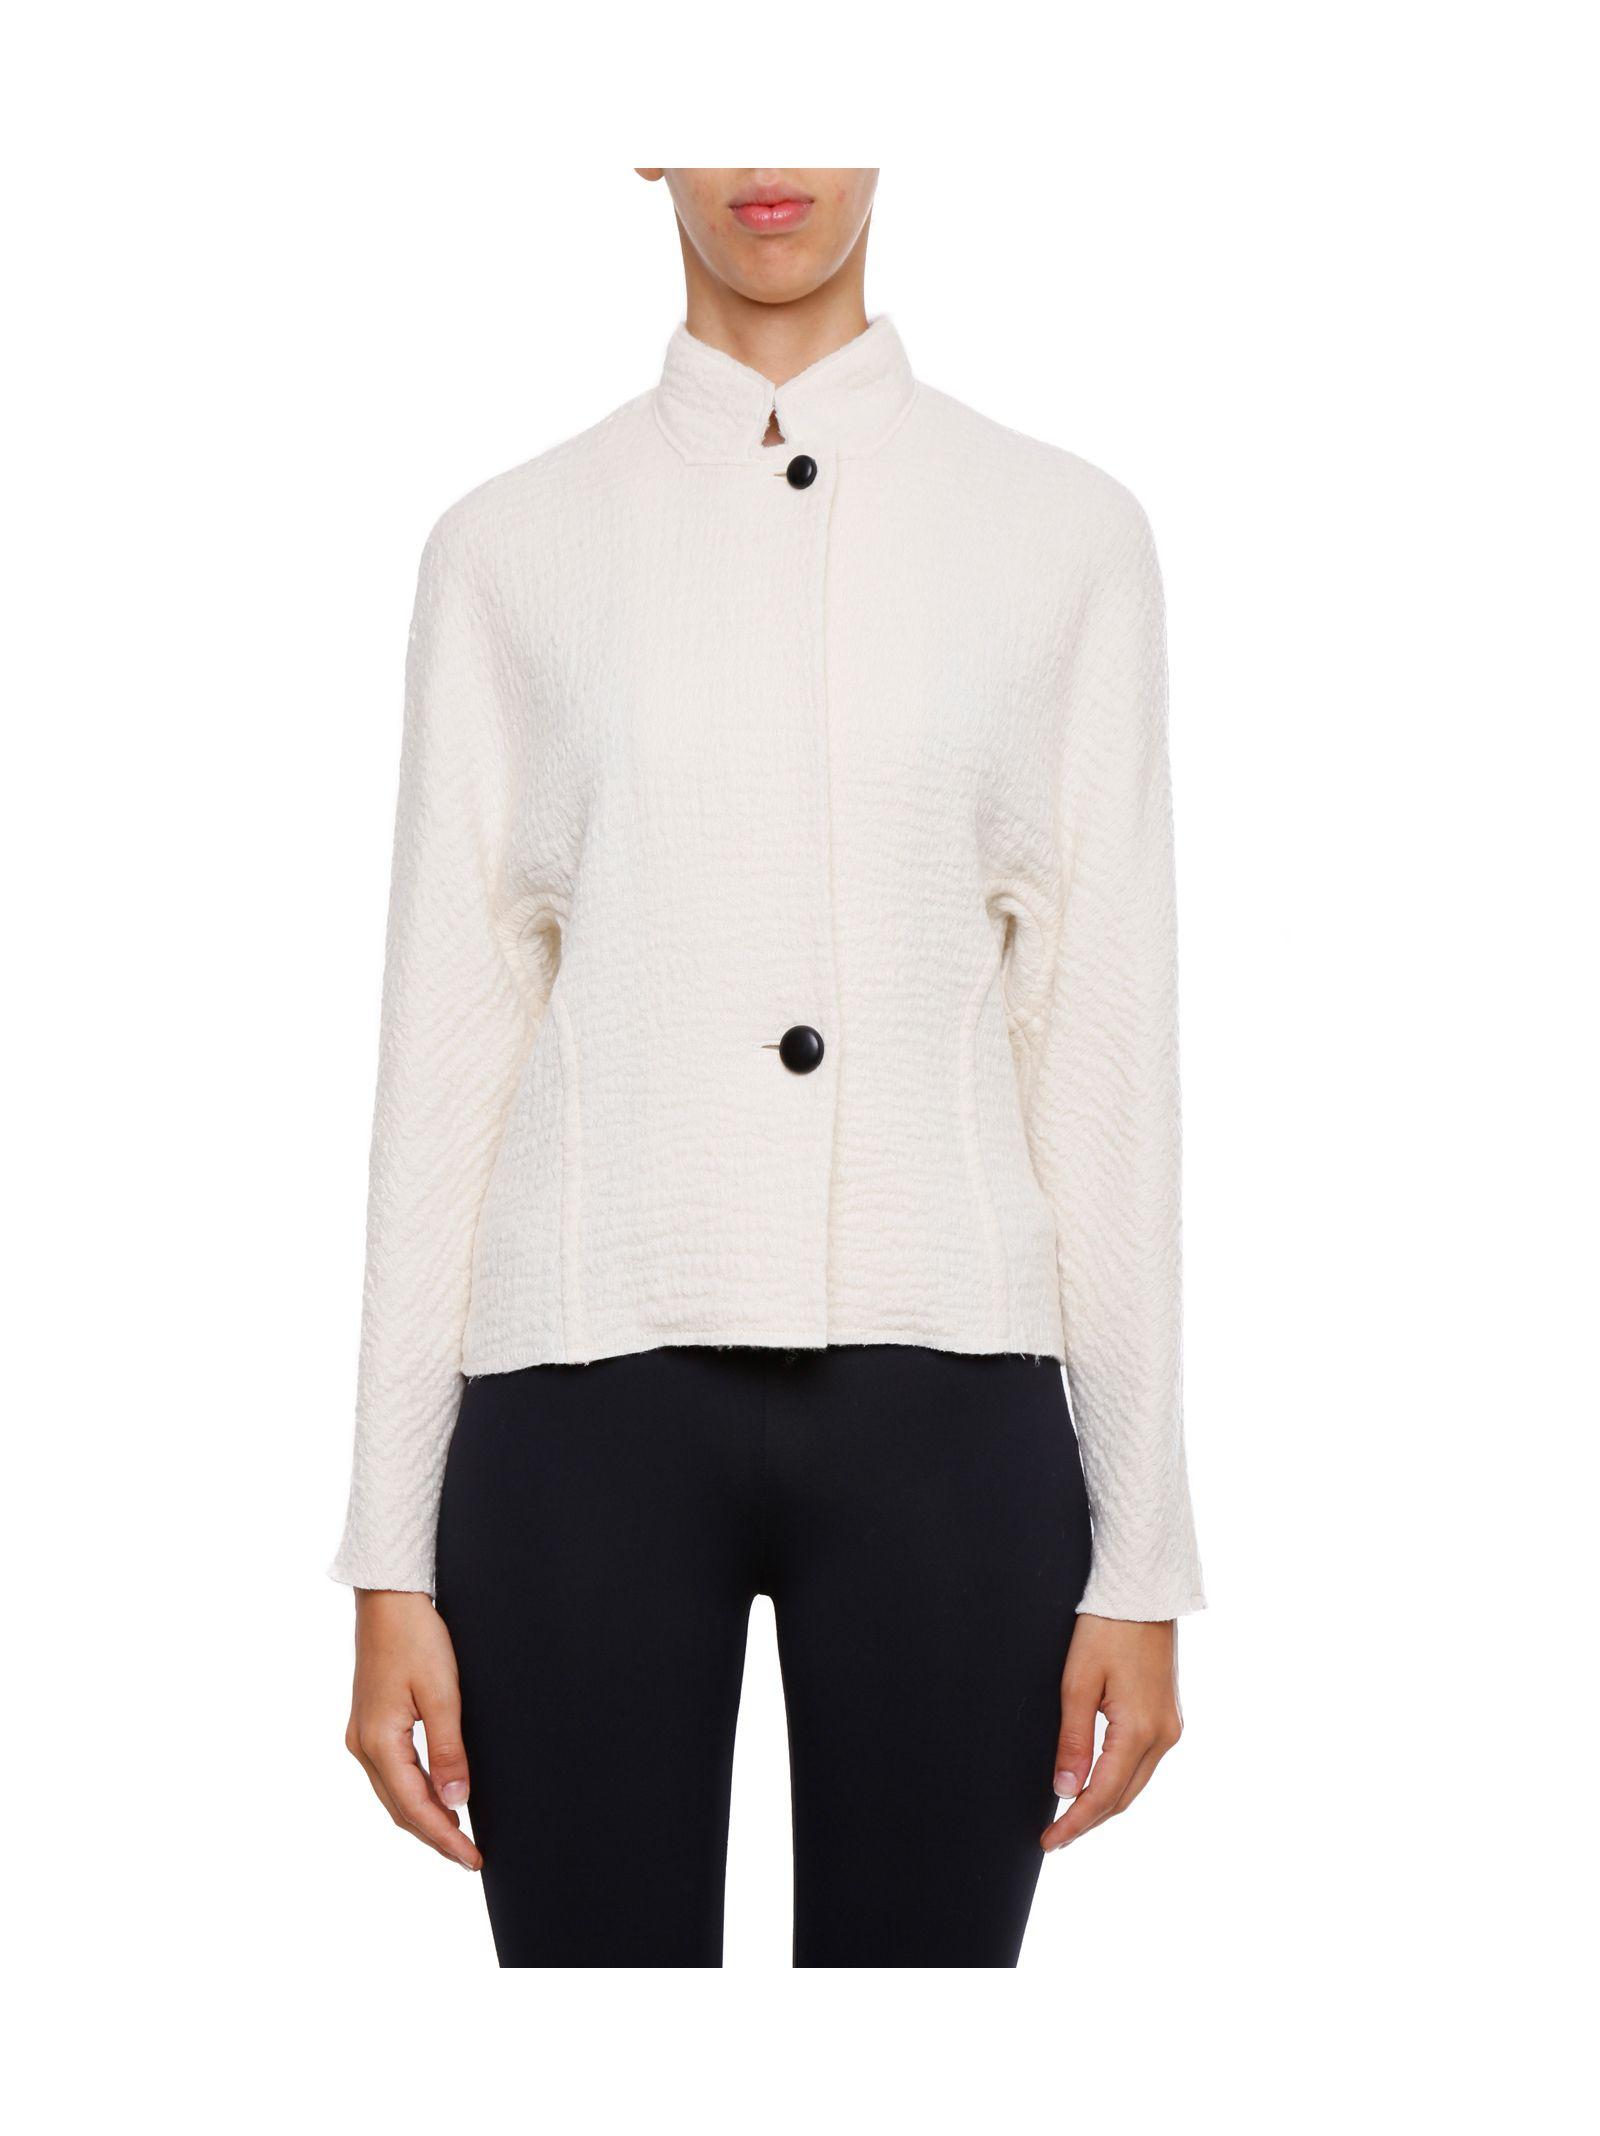 Jachetă de damă ISABEL MARANT, fashion, țesături din lână